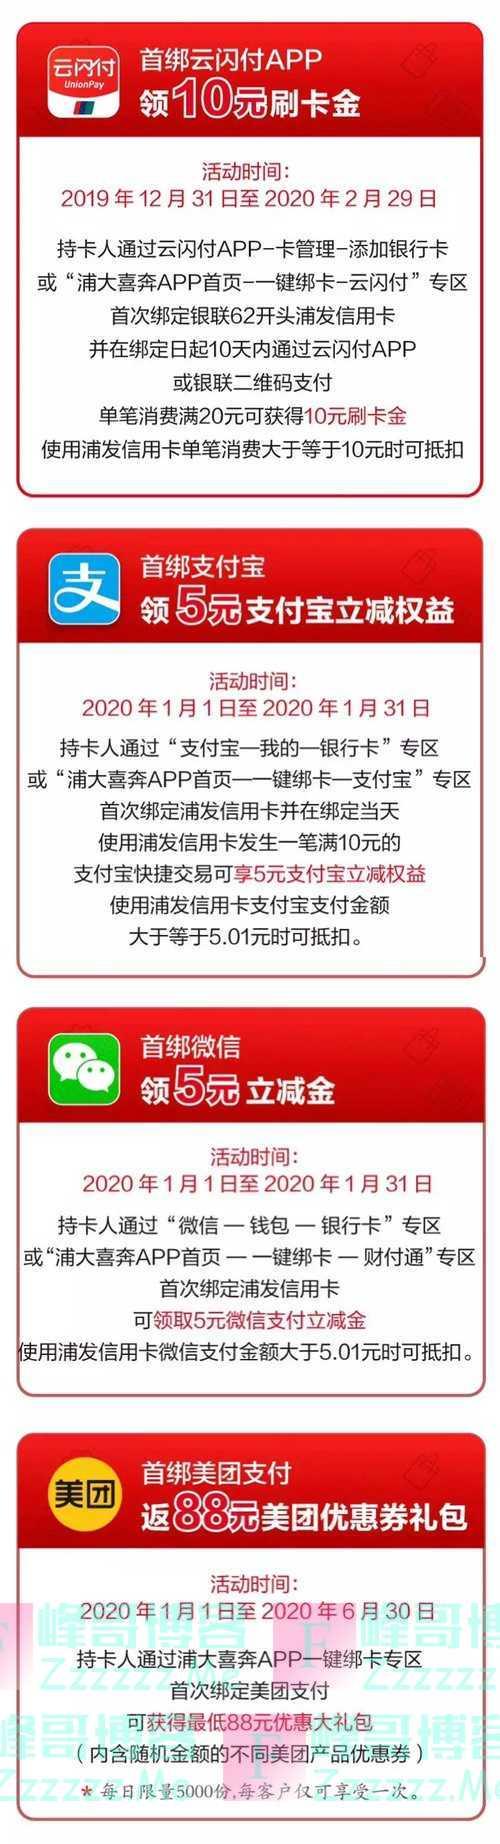 浦发银行xing/用卡新年绑卡领福利(6月30日截止)